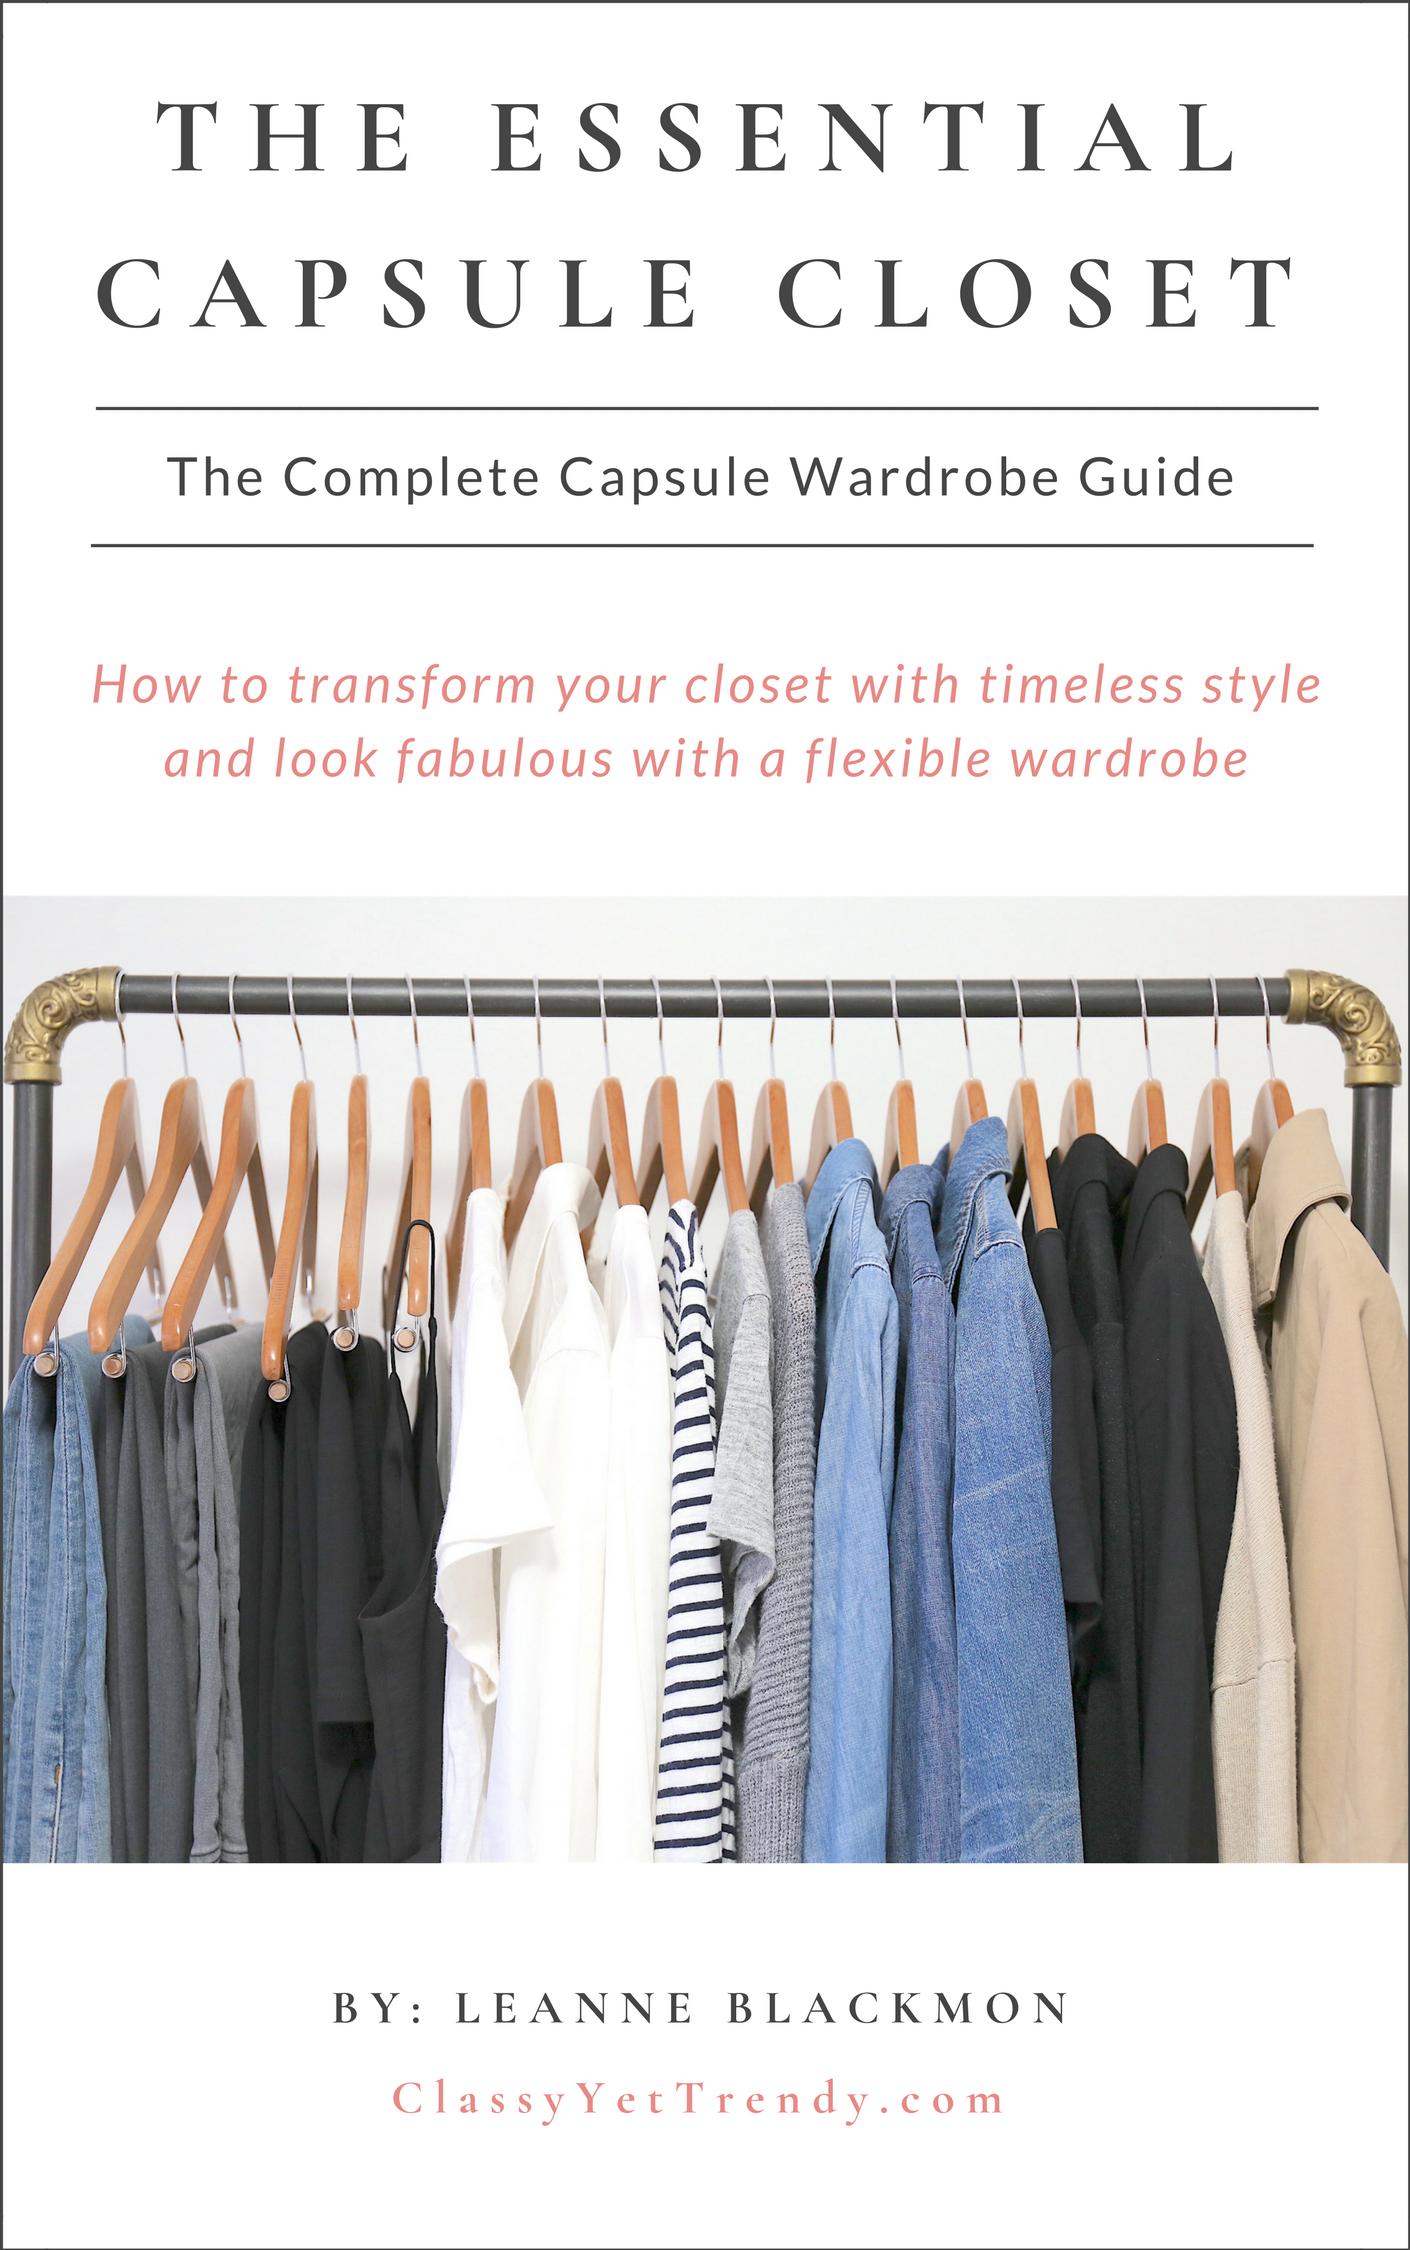 The Essential Capsule Closet